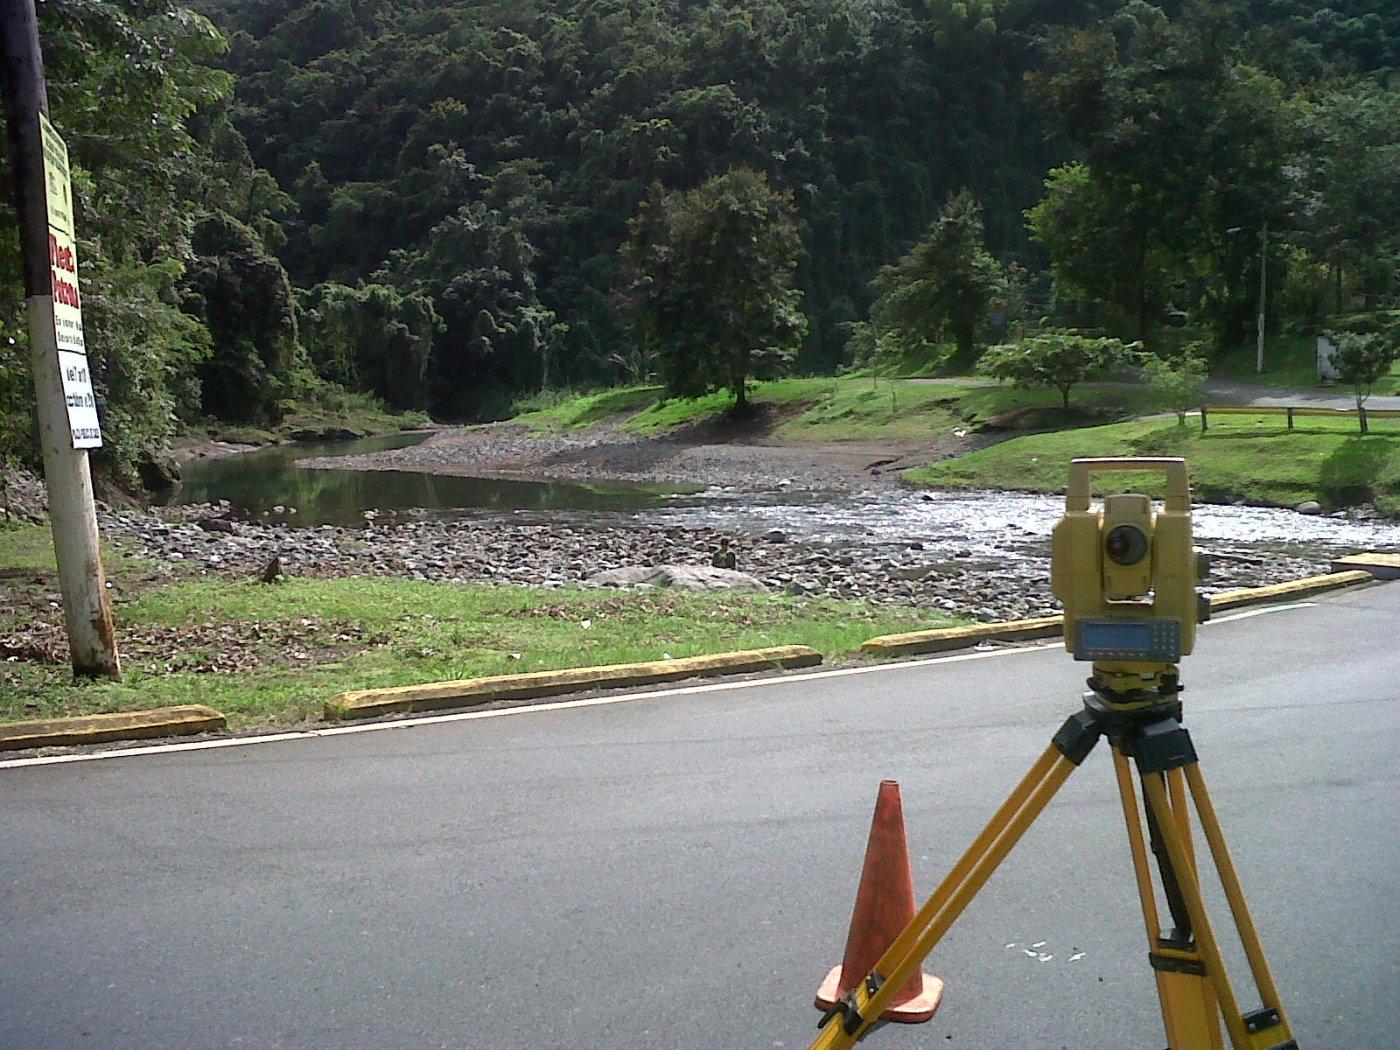 Bridge survey @ ciales pr